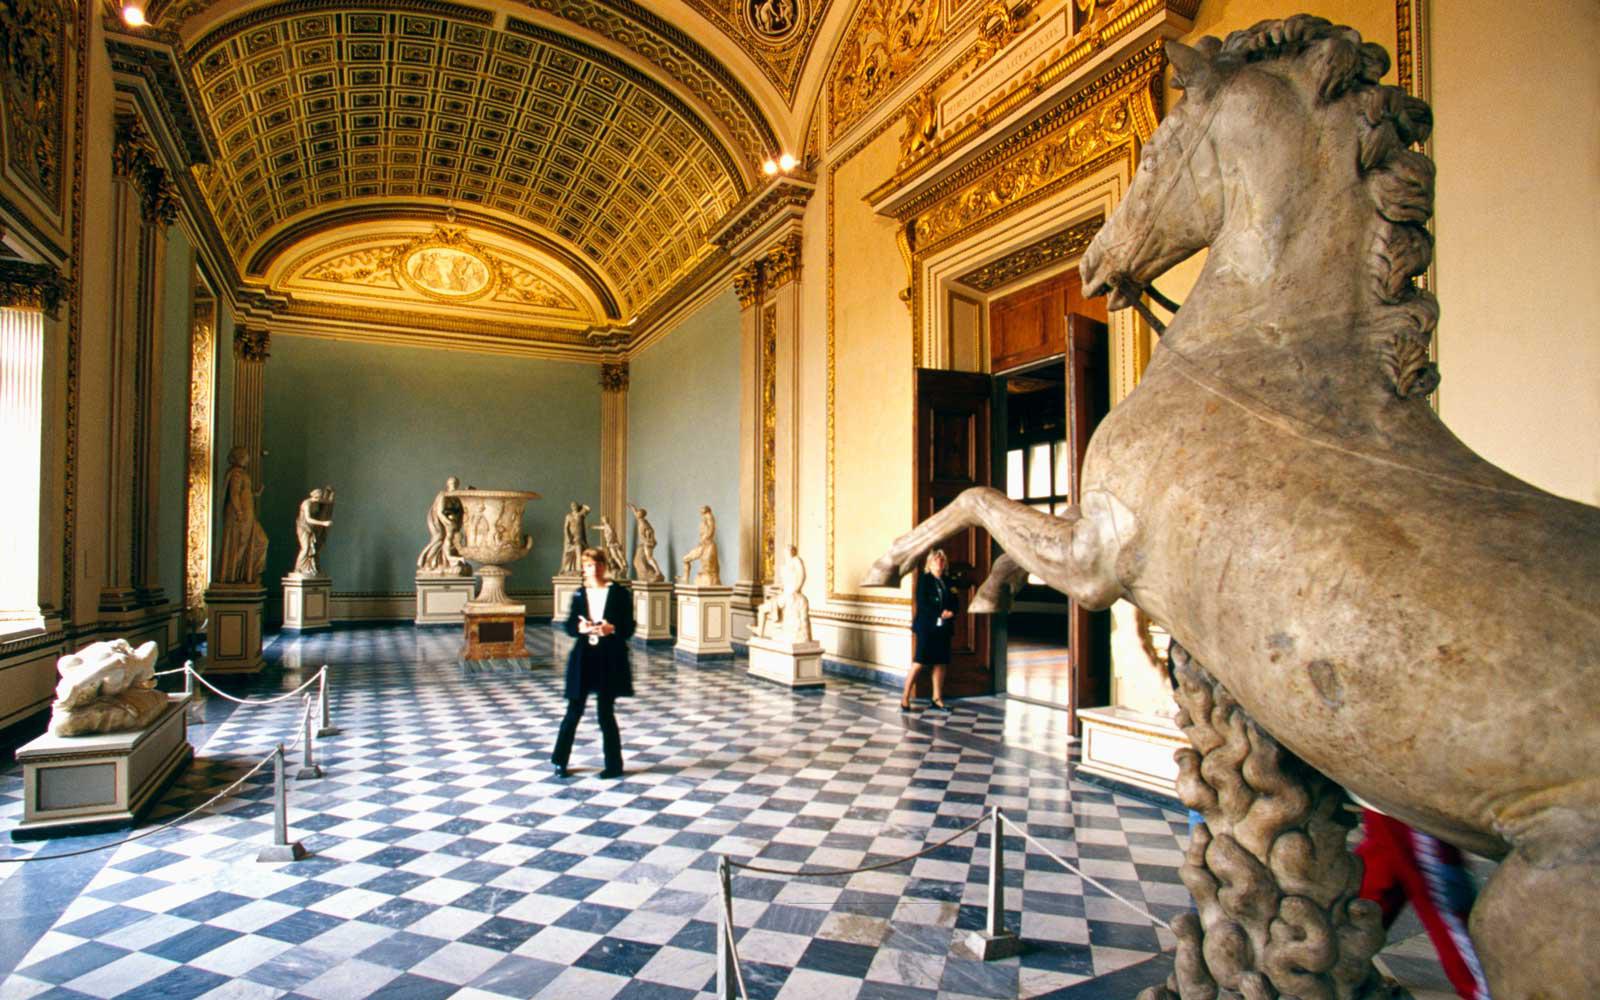 Các chuyến tham quan bảo tàng ảo miễn phí trong thời điểm dịch corona bùng phát - Ảnh 1.